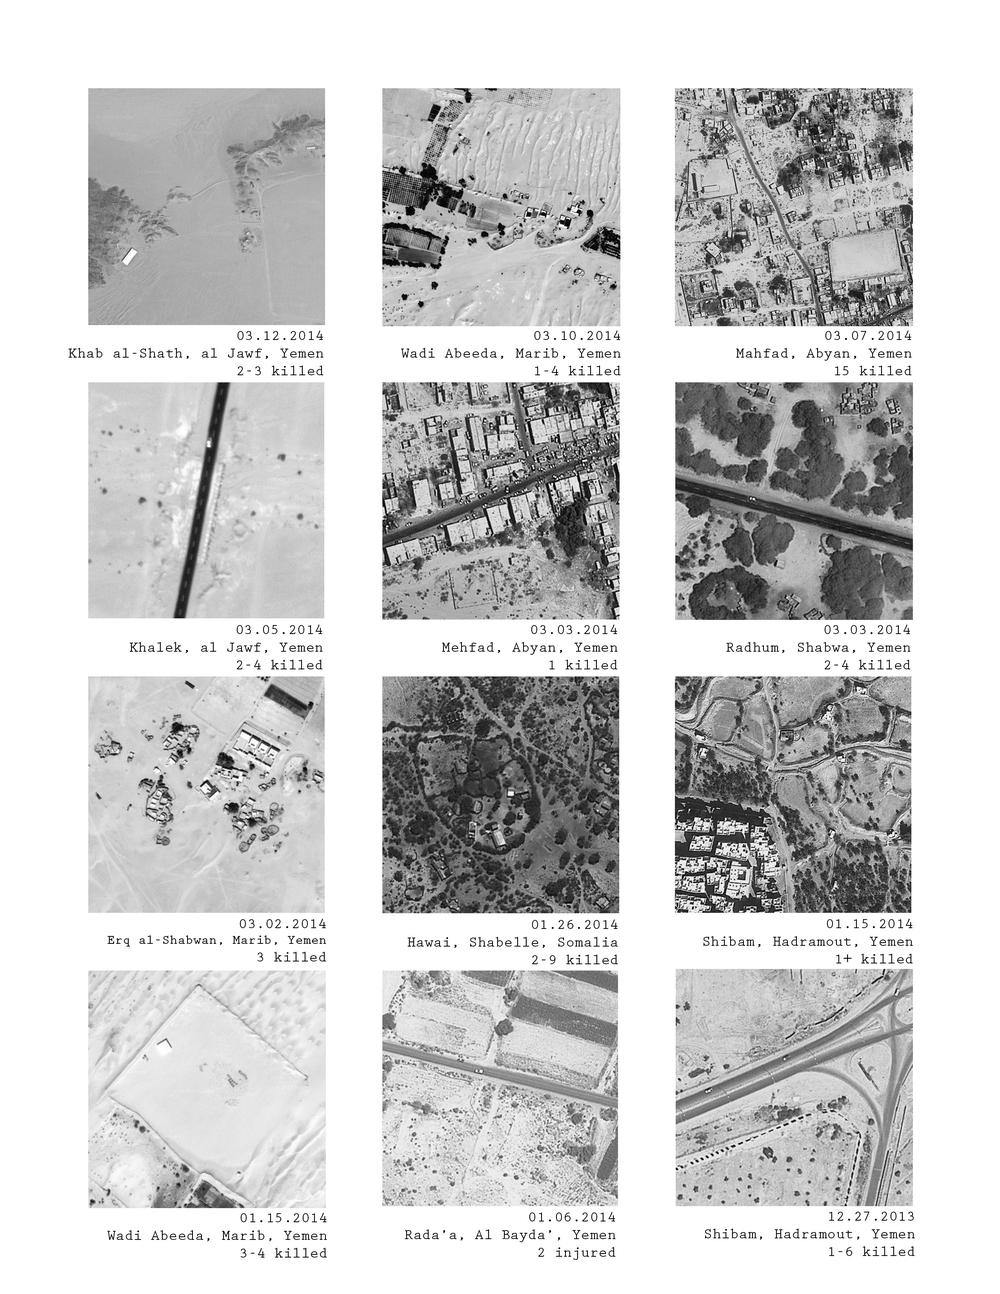 finalbook_drone_14.jpg